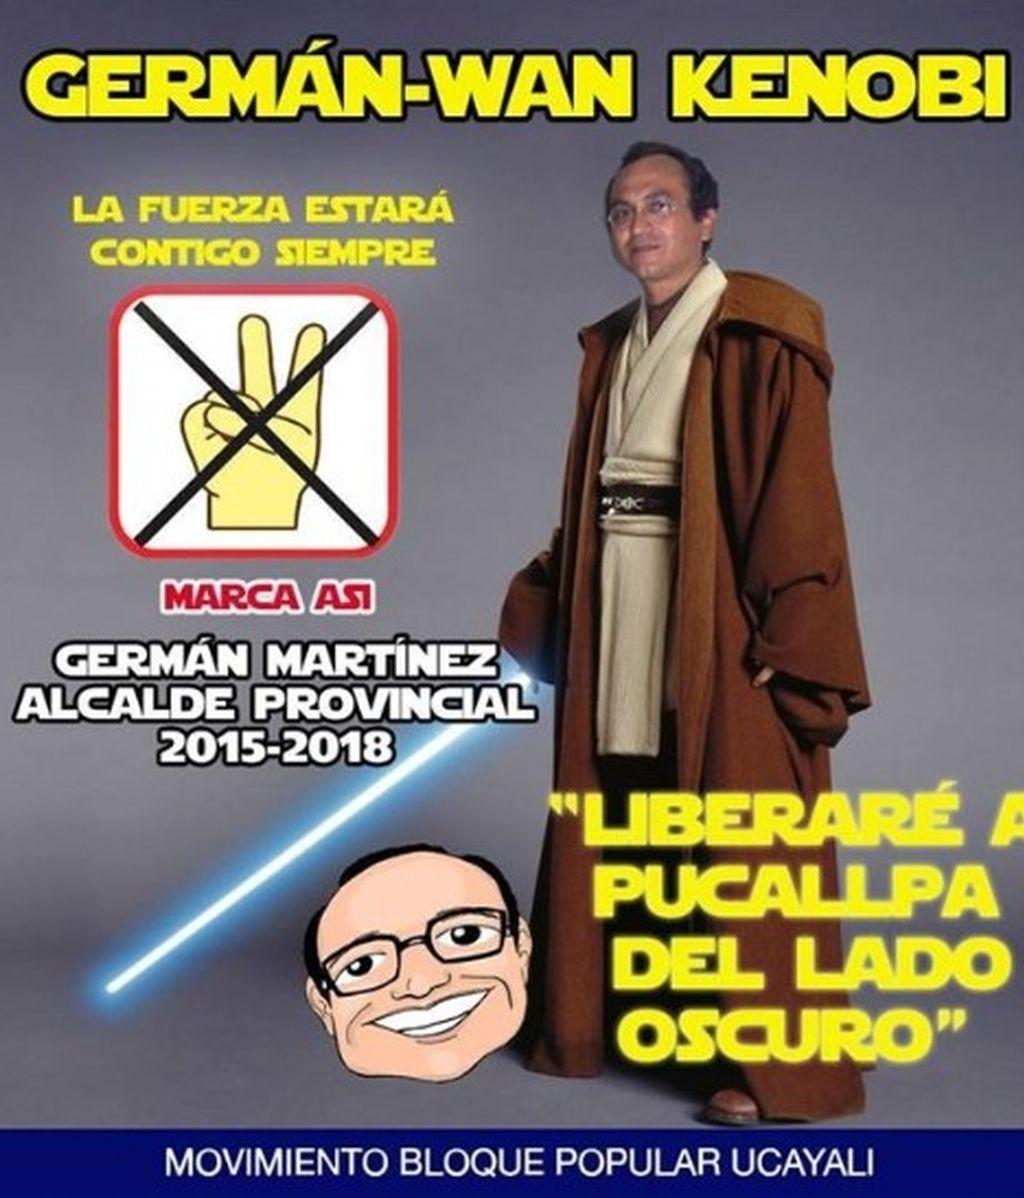 Germán Martínez, el candidato jedi a las elecciones peruanas